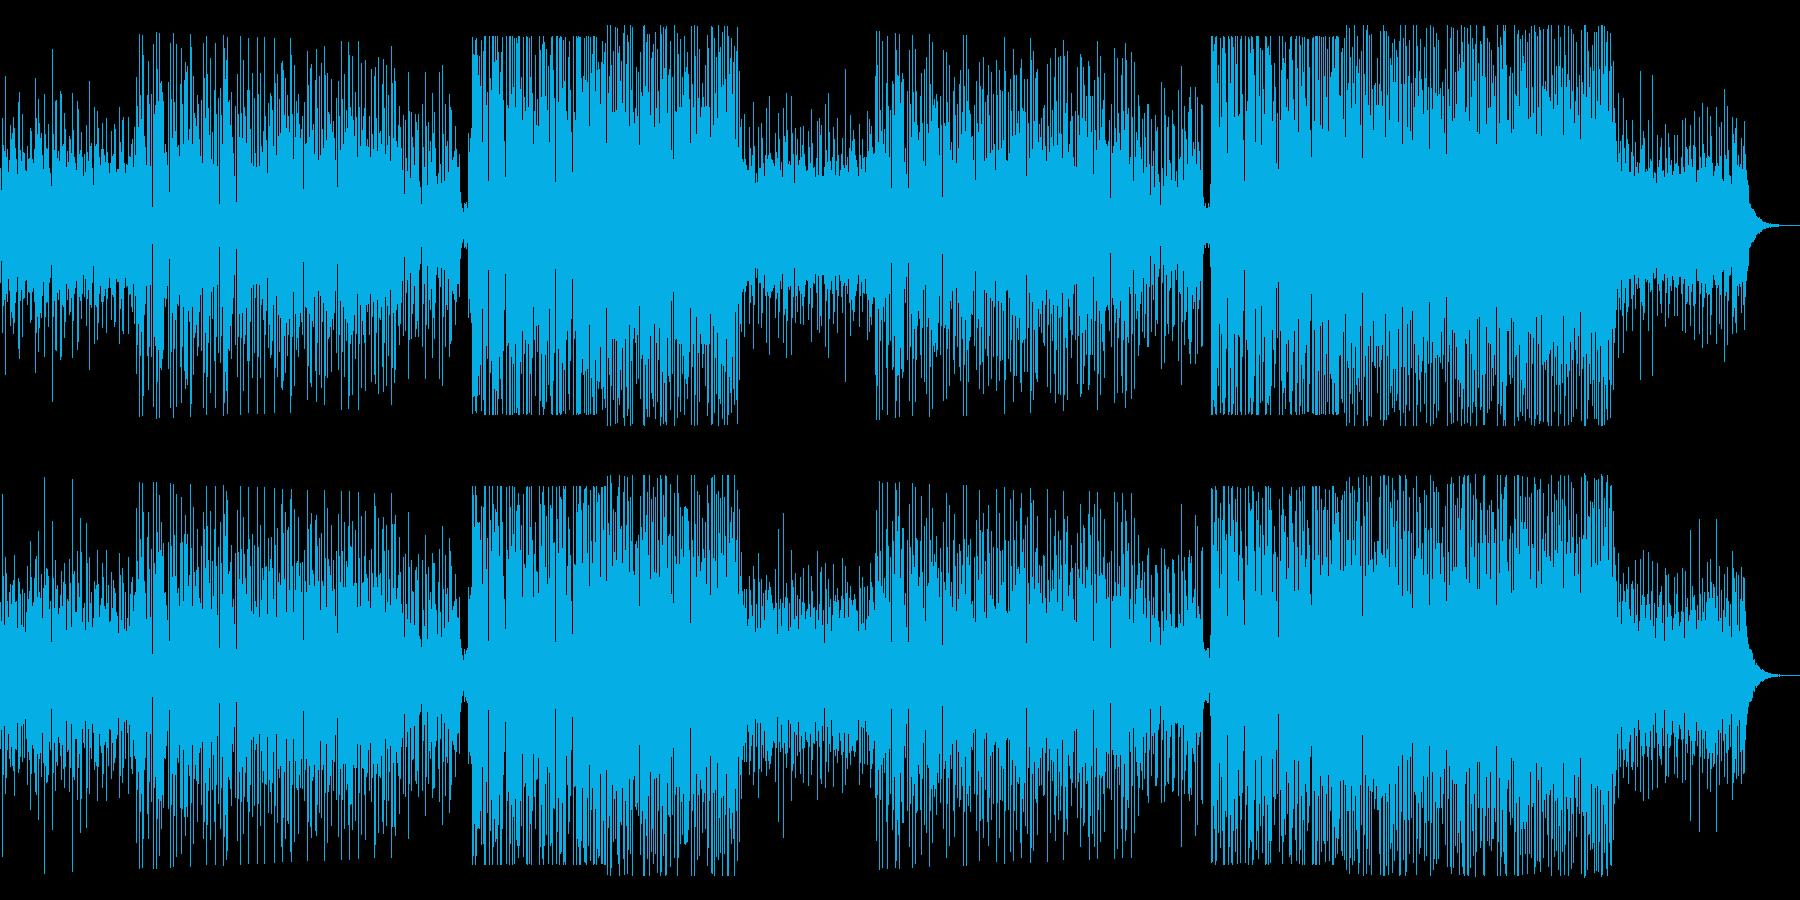 洋楽っぽい女性ボーカルのトロピカルハウスの再生済みの波形